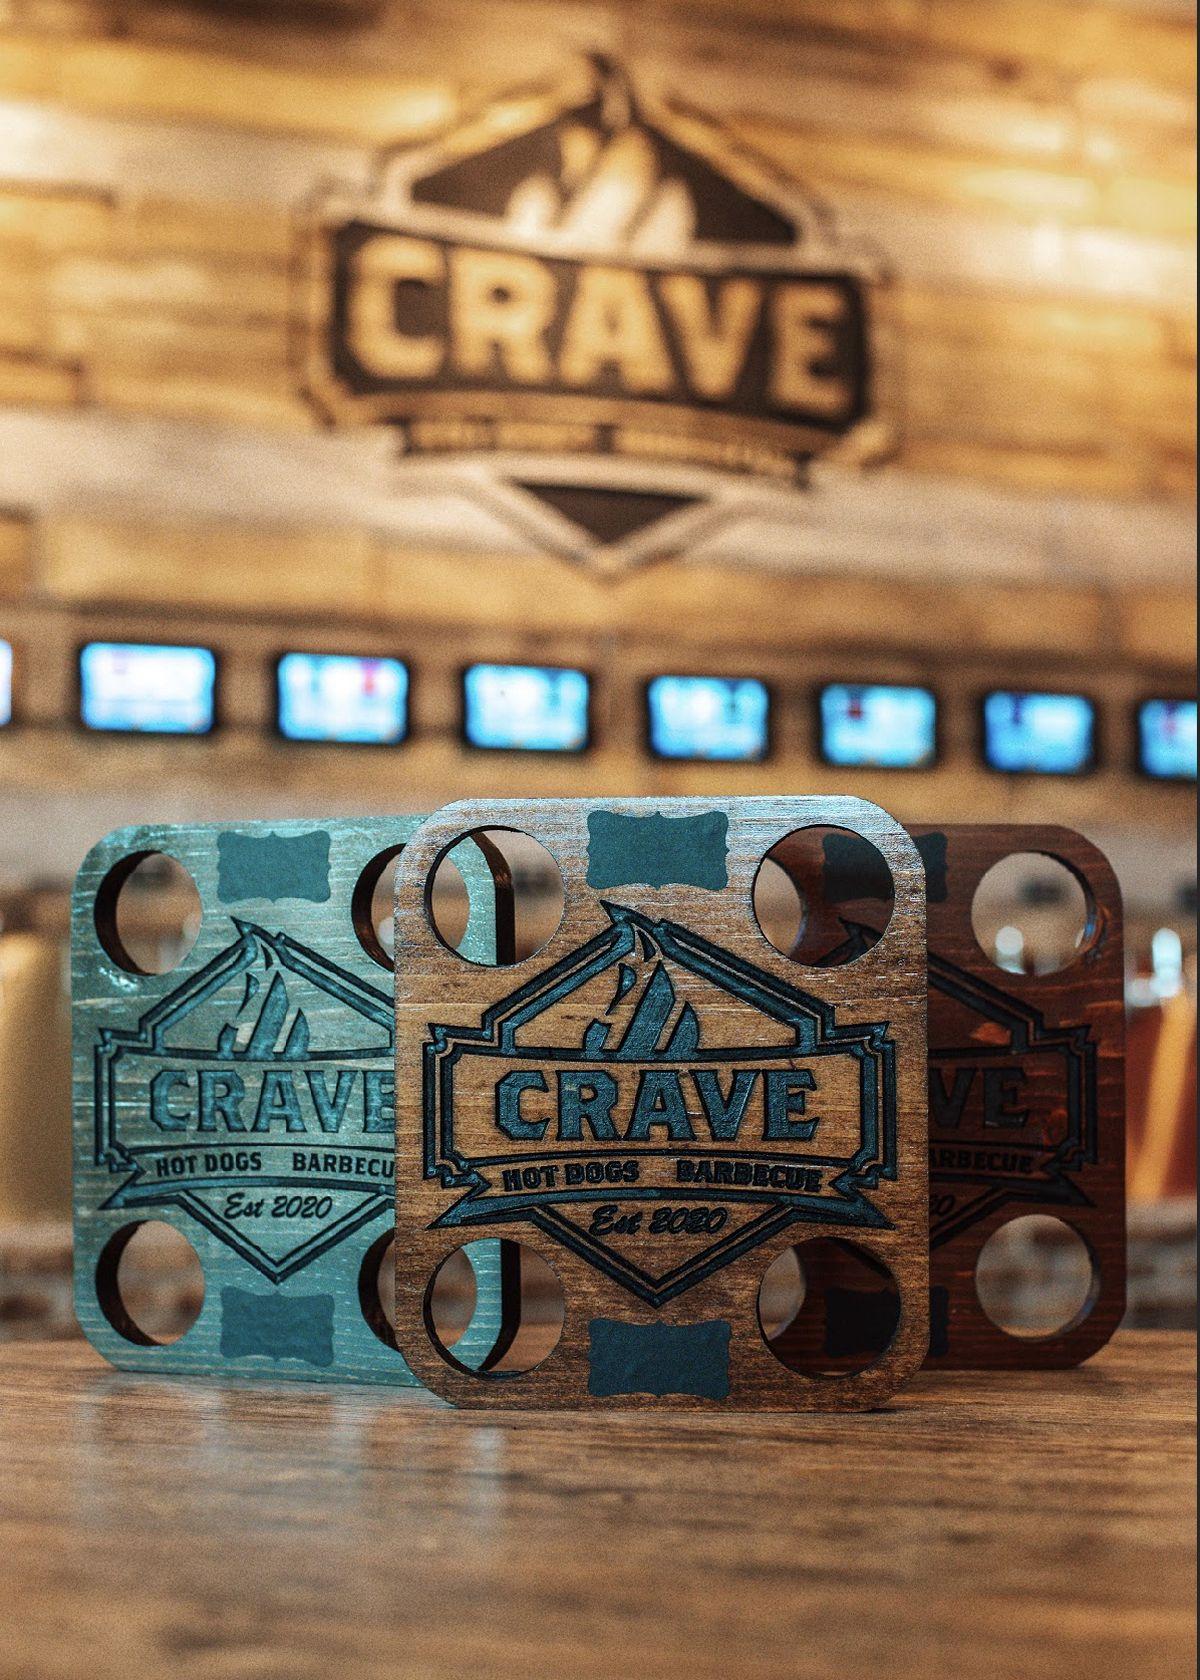 Crave Inks Deal in Scottdale, AZ